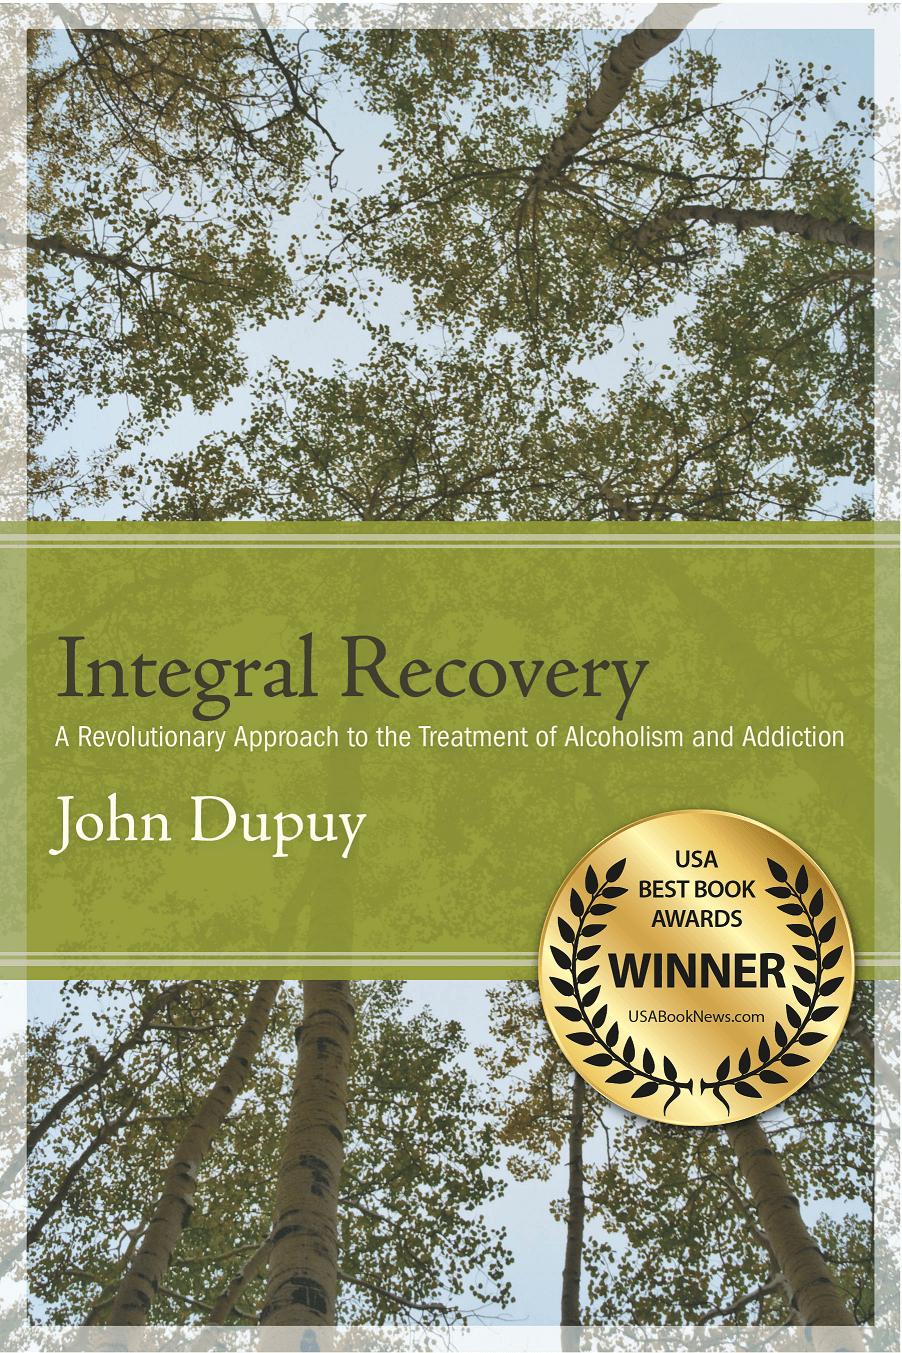 Джон Дюпуи, «Интегральное восстановление: Революционный подход к лечению алкоголизма и аддикции» (Integral Recovery, 2013)